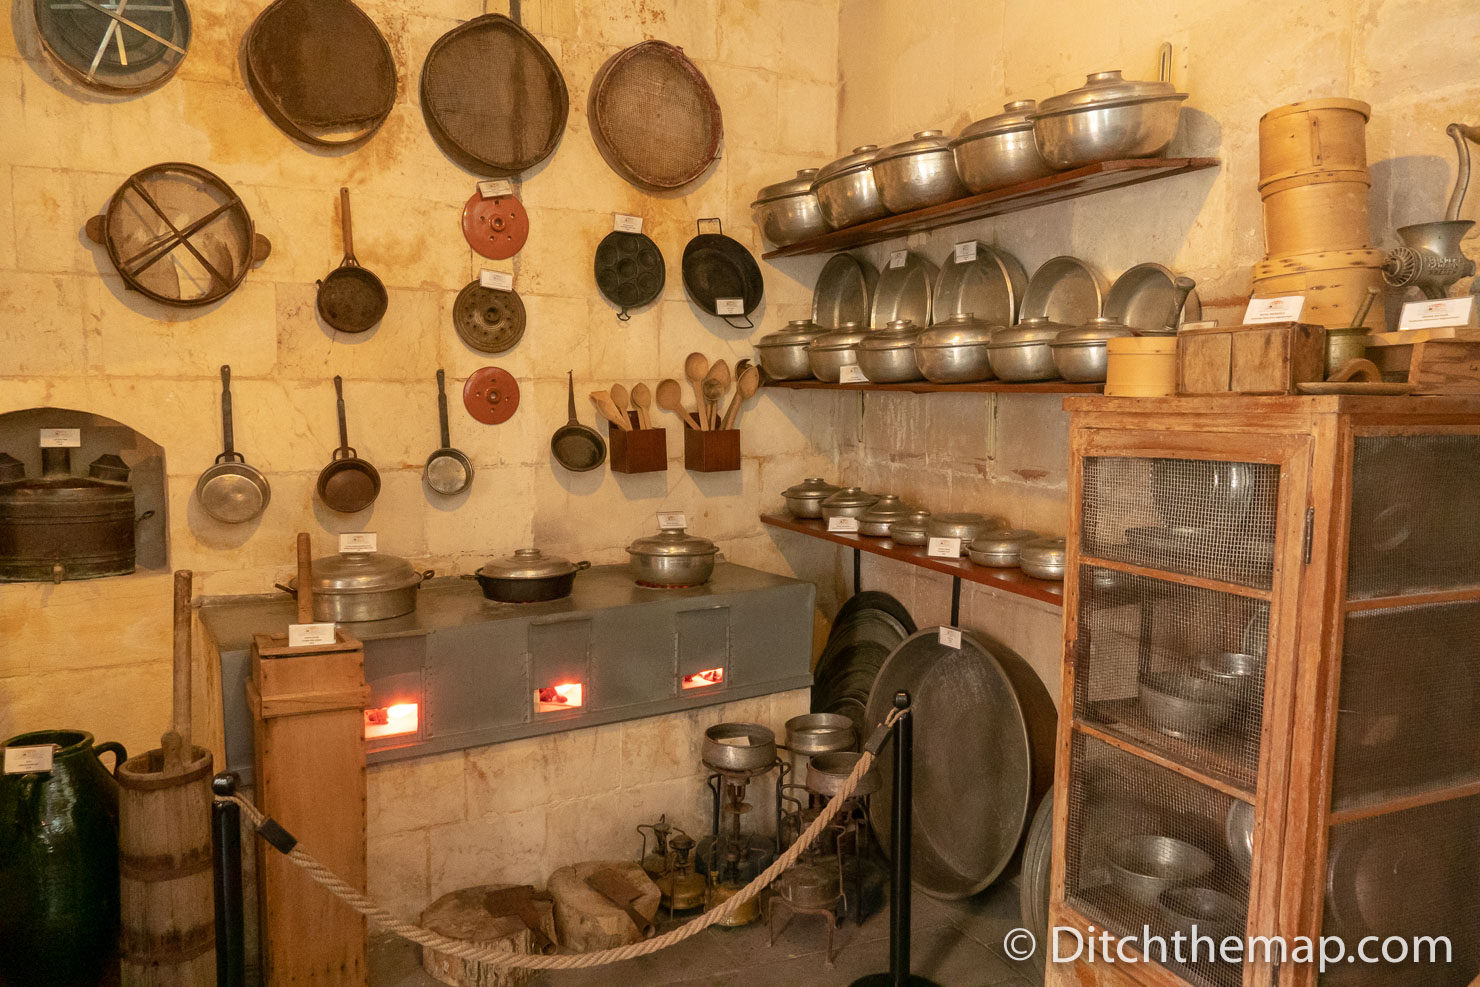 Culinary Museum in Gaziantep, Turkey